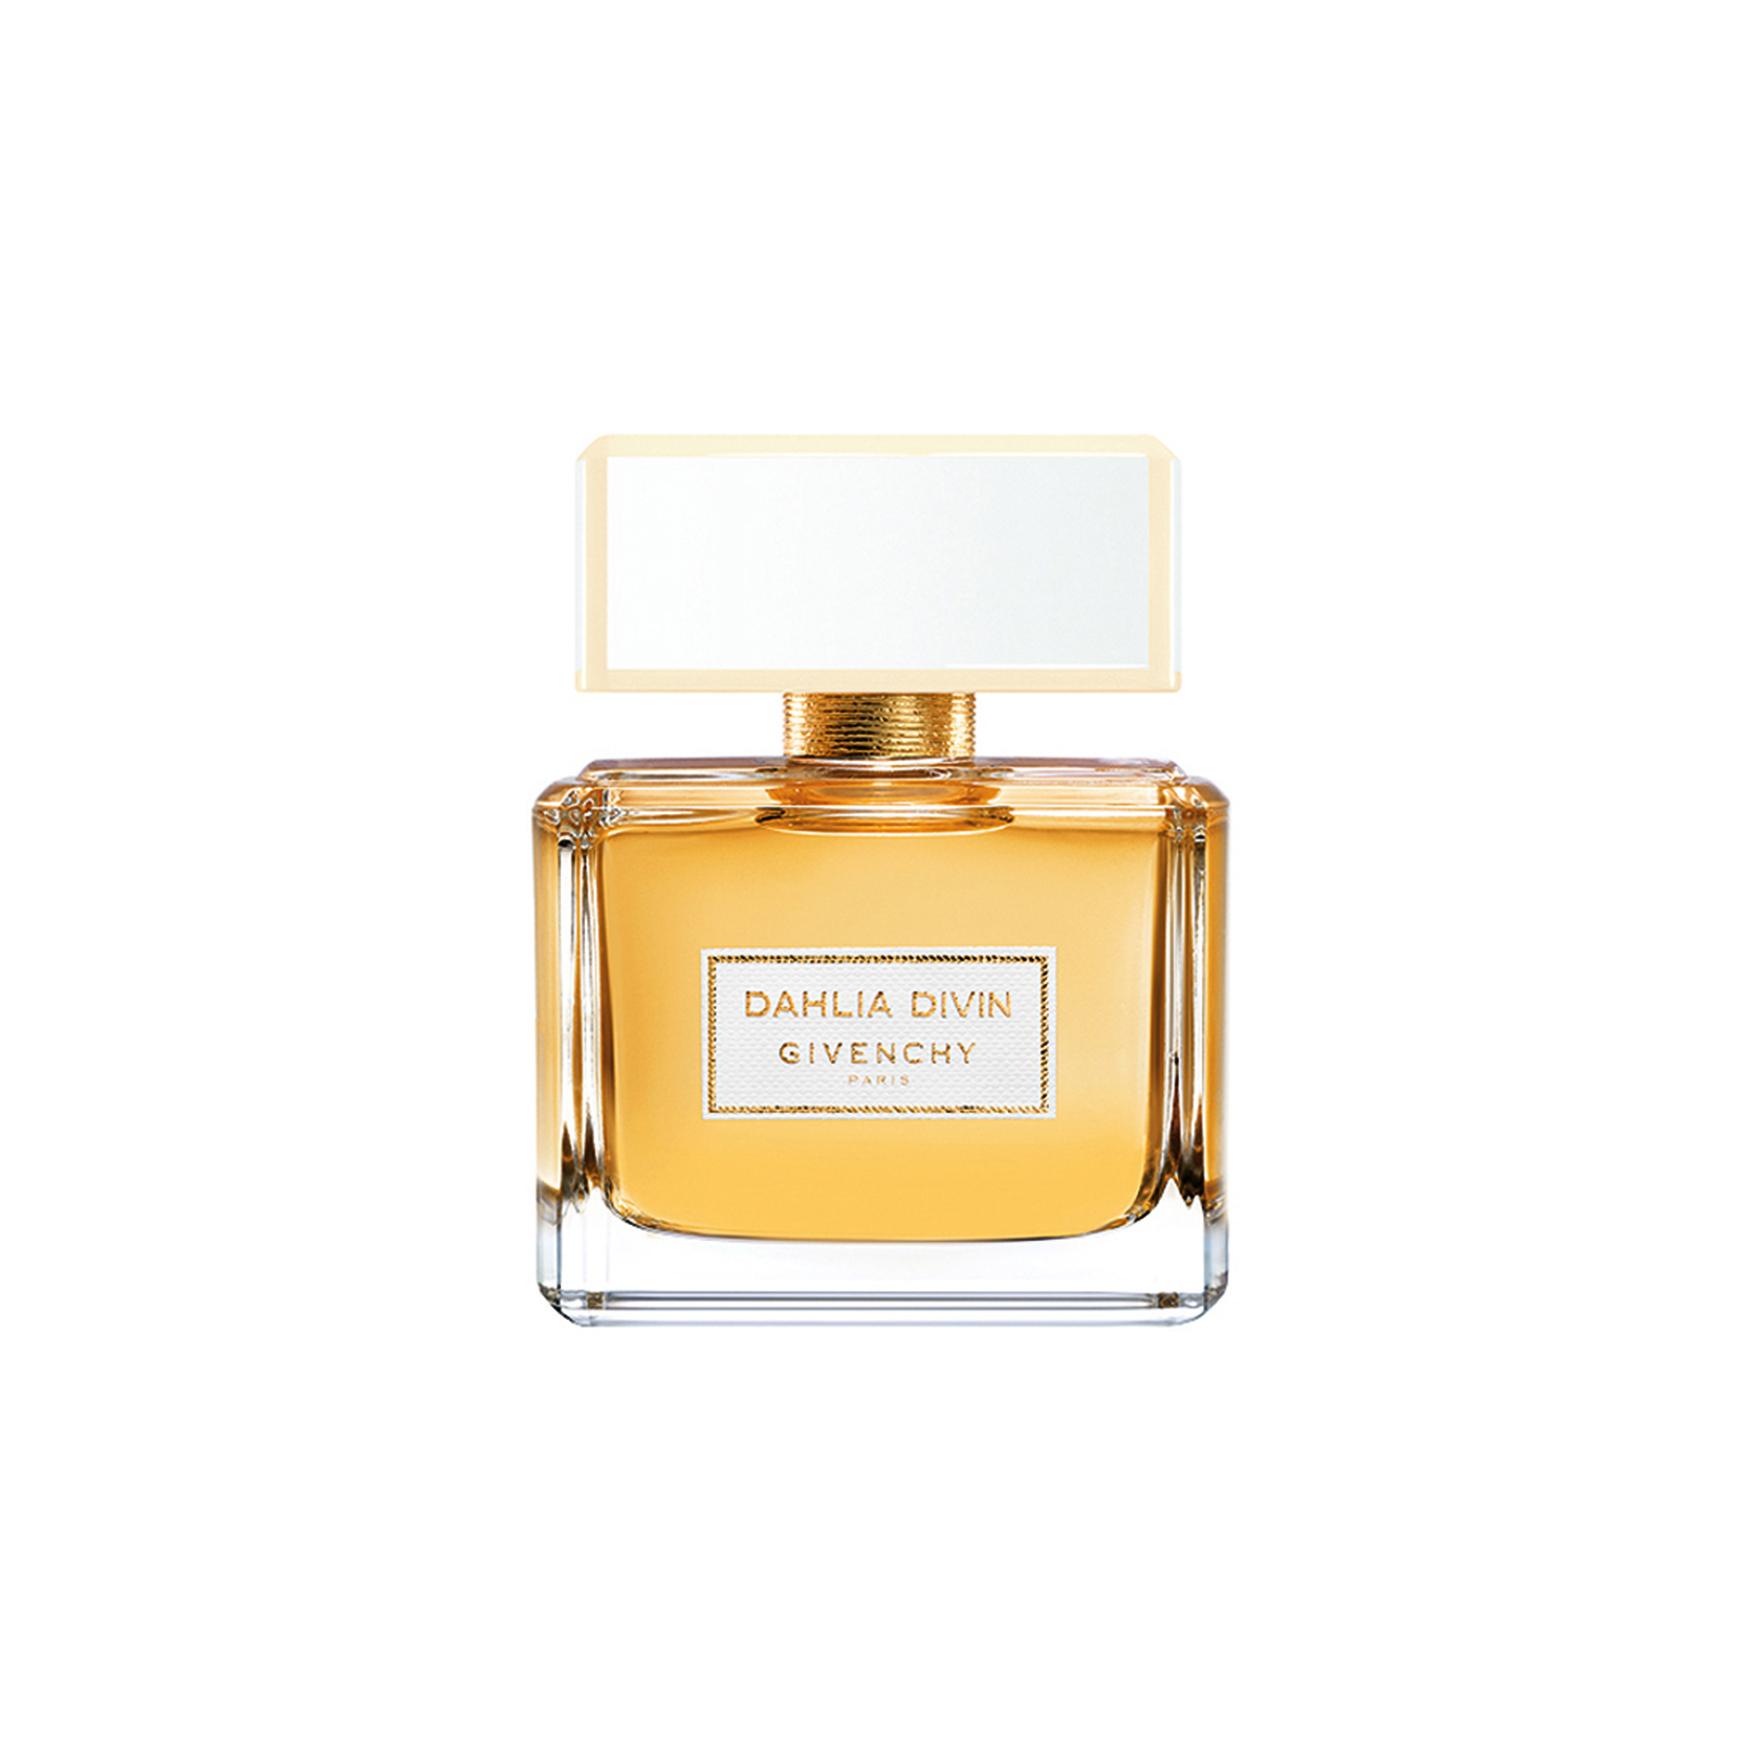 Apa de Parfum Givenchy Dahlia Divin